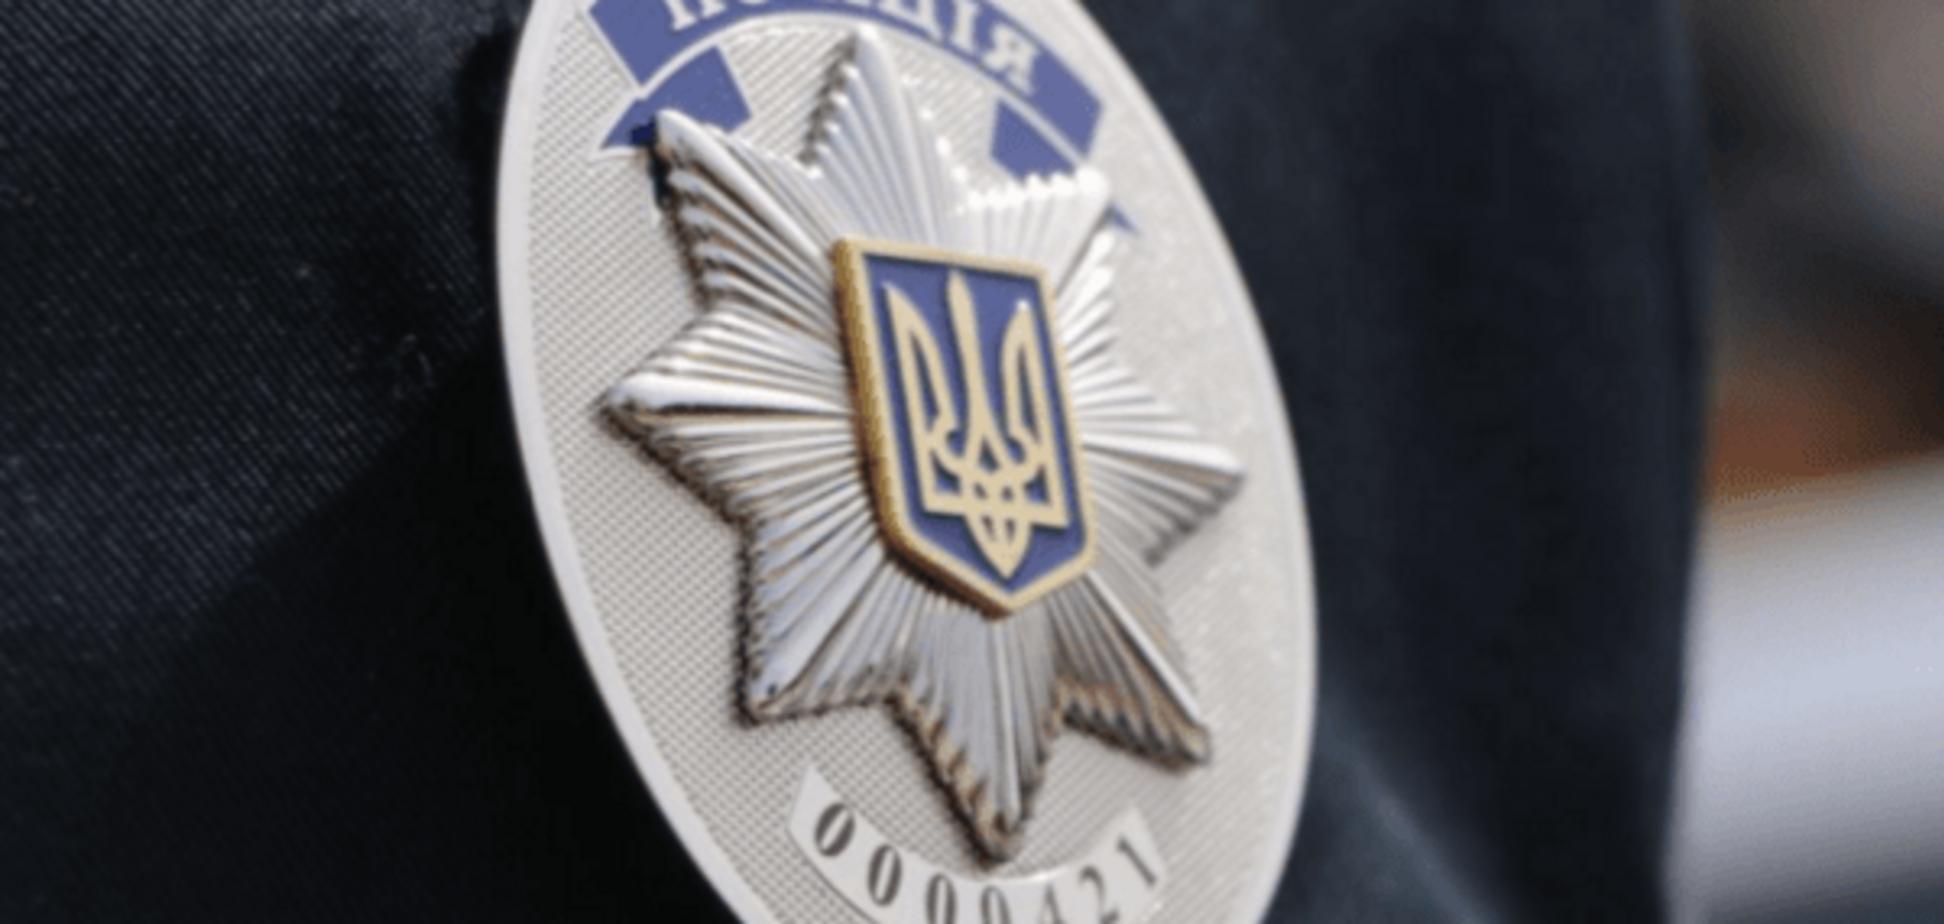 Напад на поліцію в Києві: патрульному вистрілили в голову - ЗМІ